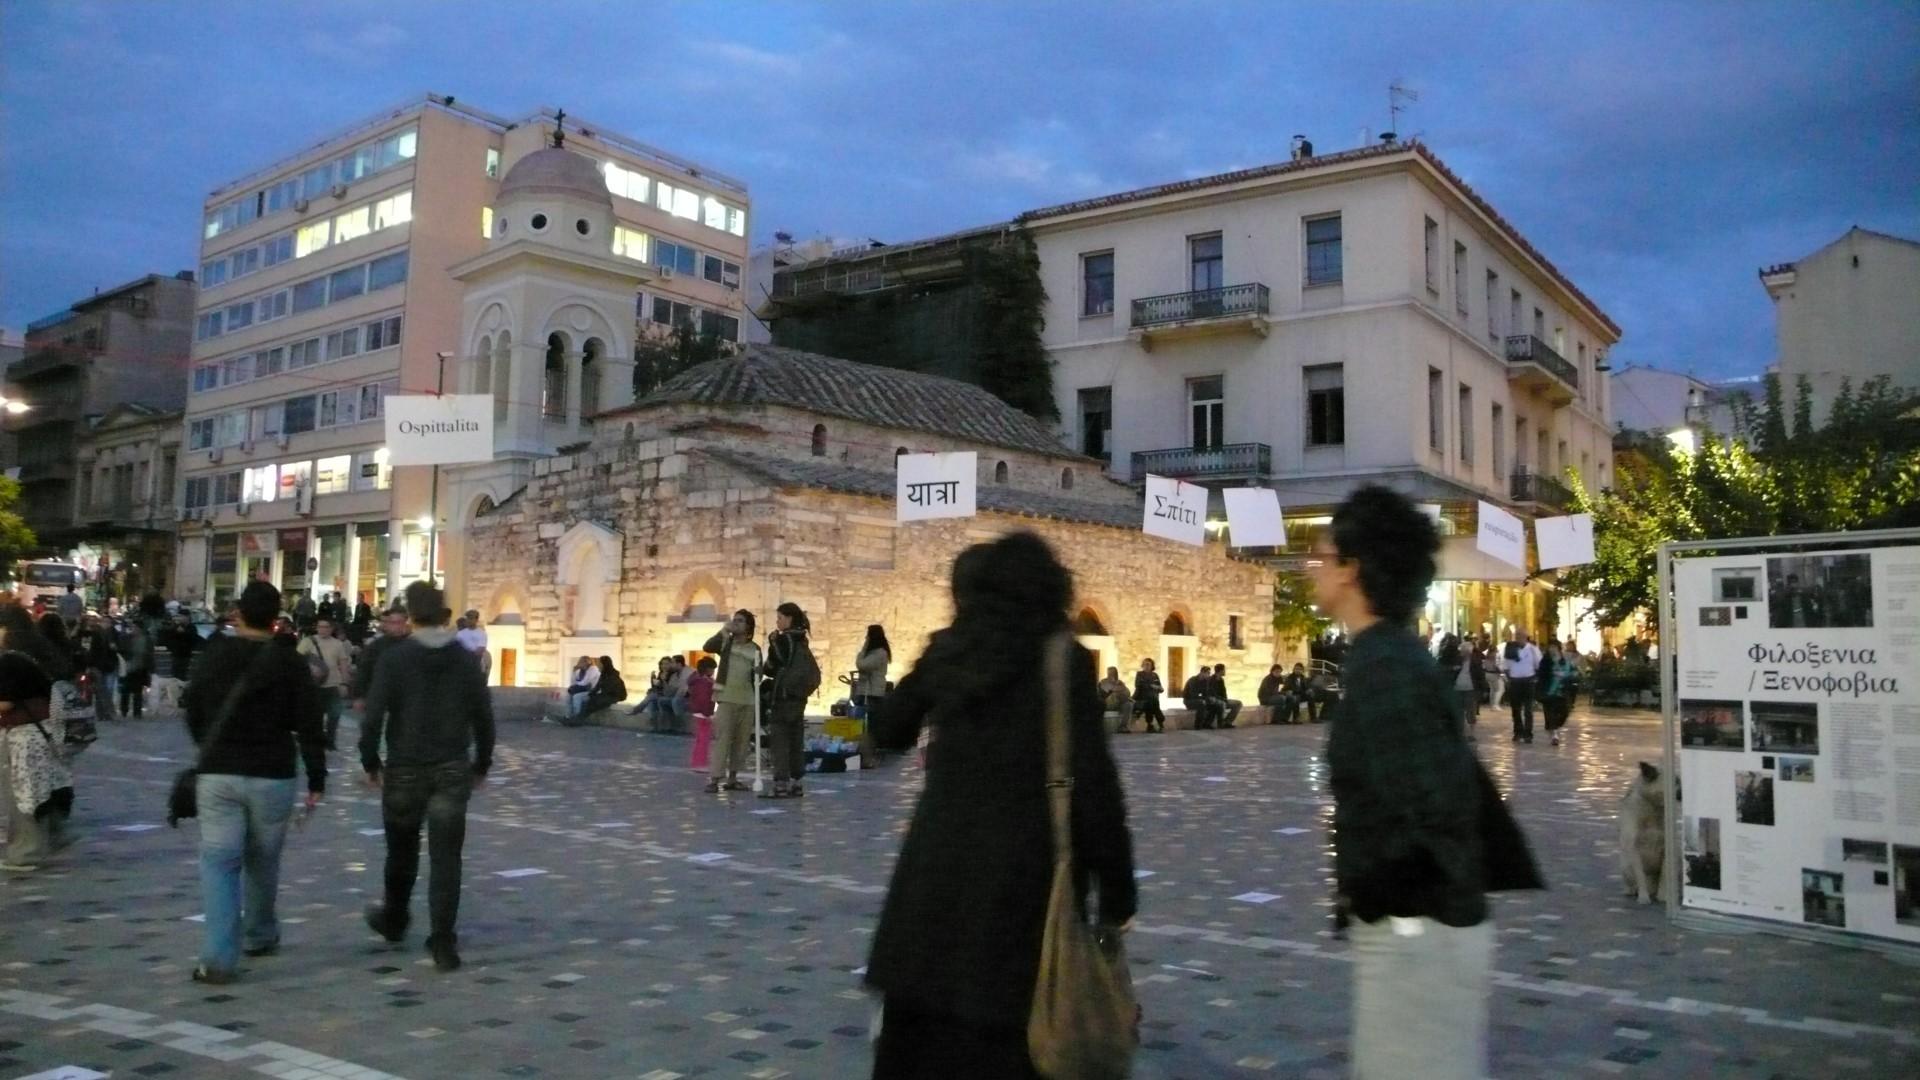 Από τα φαρσί στα ελληνικά. Διασχίζοντας τα σύνορα. πλατεία στο Μοναστηράκι